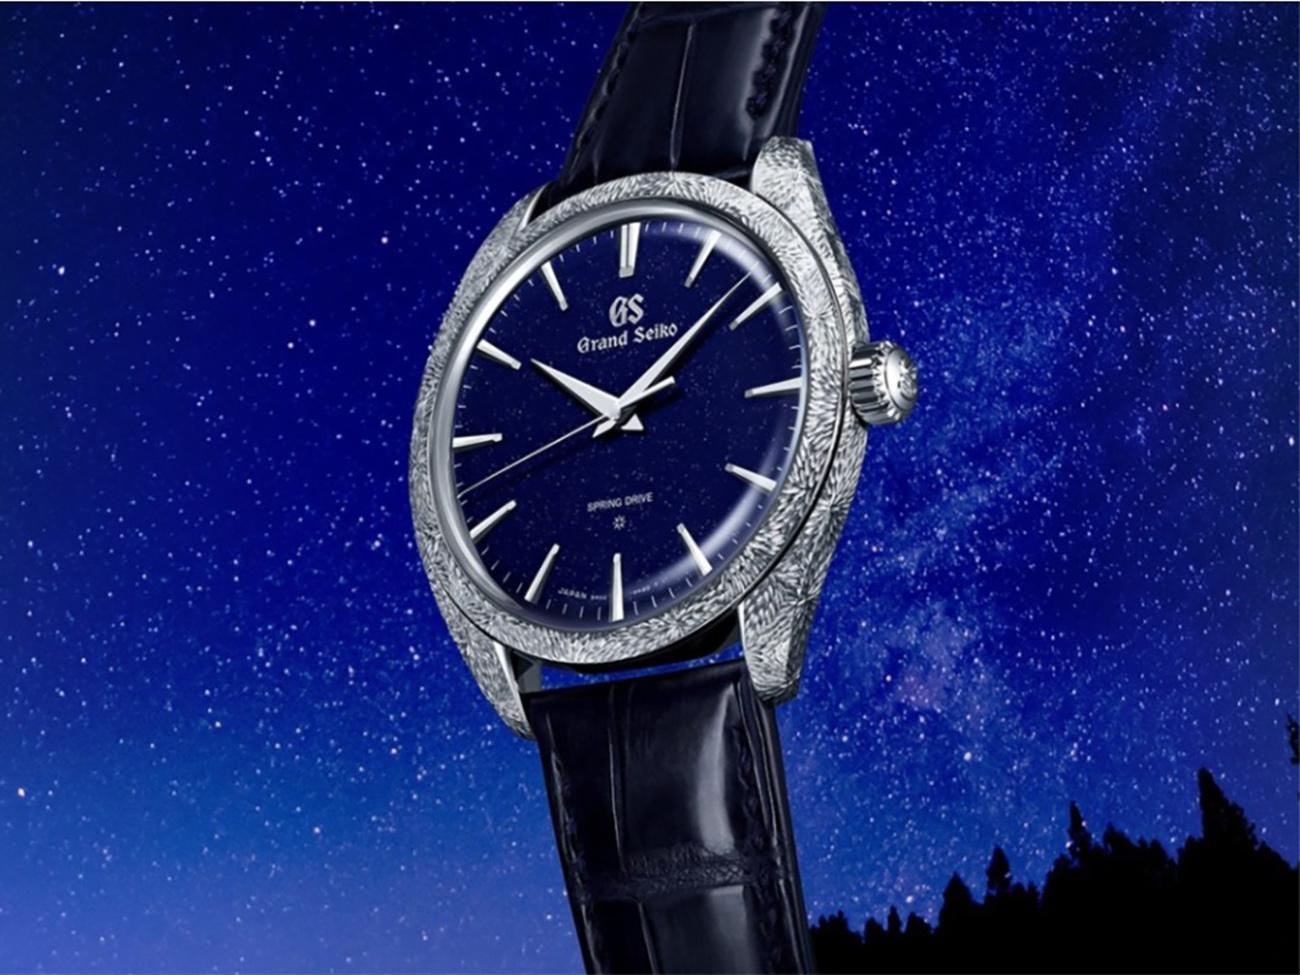 Το νέο ρολόι της Grand Seiko διαθέτει ένα καντράν που θυμίζει νυχτερινό ουρανό